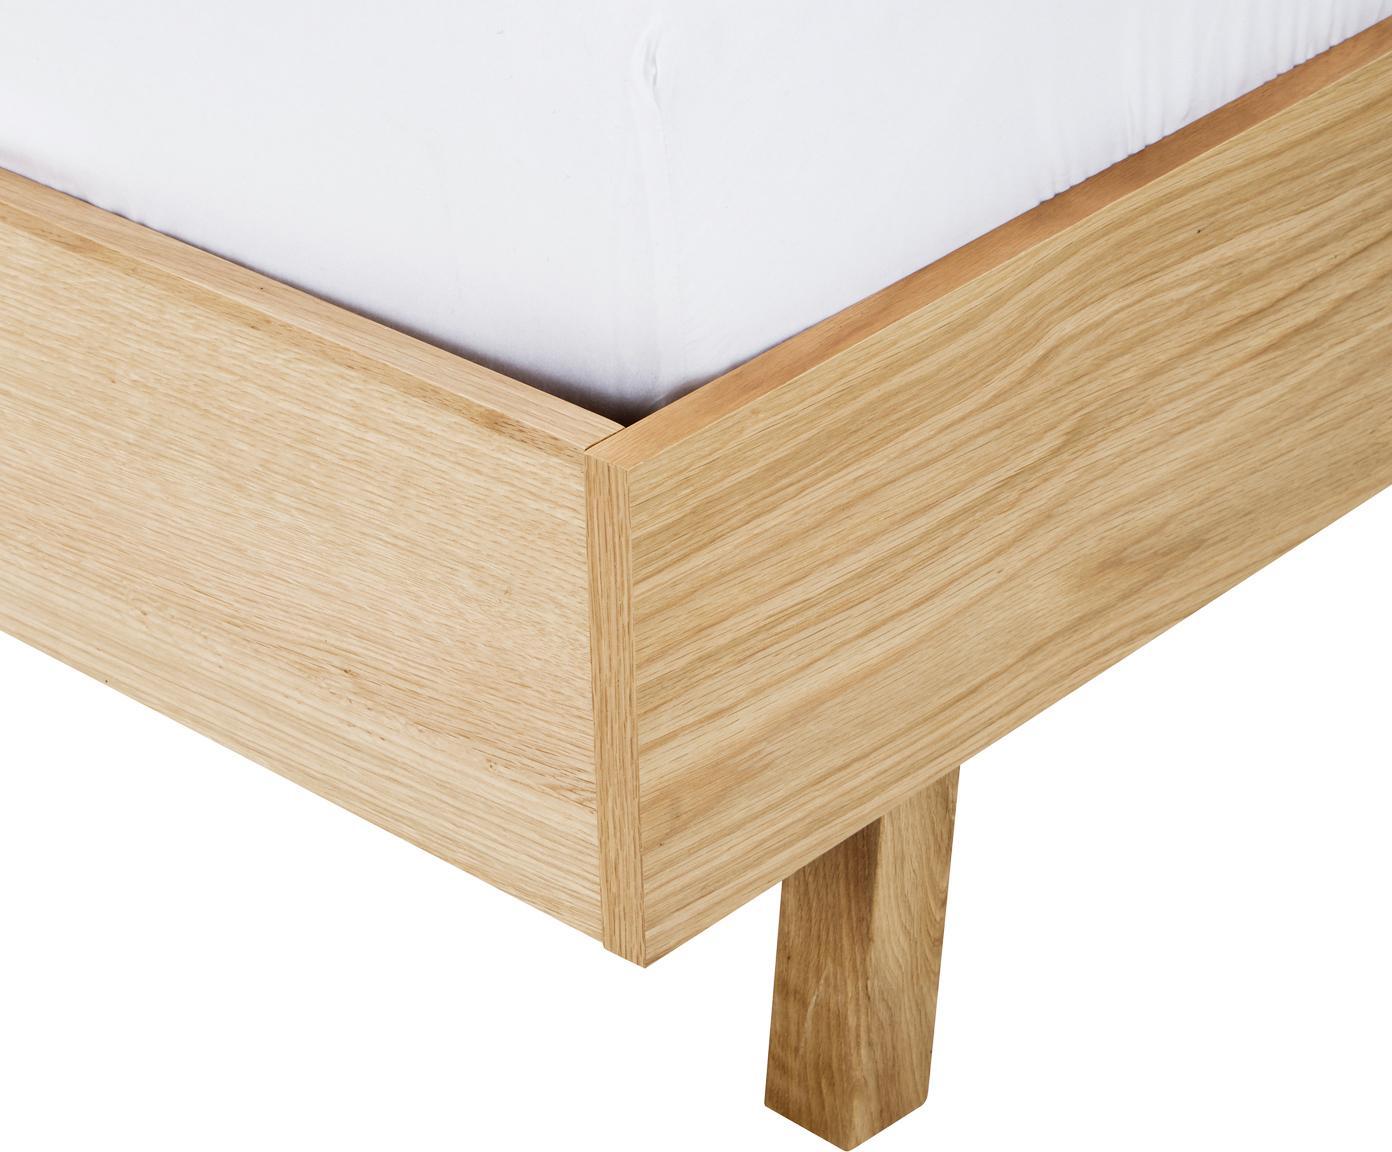 Holzbett Tammy ohne Kopfteil, Gestell: Sperrholz mit Eichenholzf, Eichenholz, 160 x 200 cm